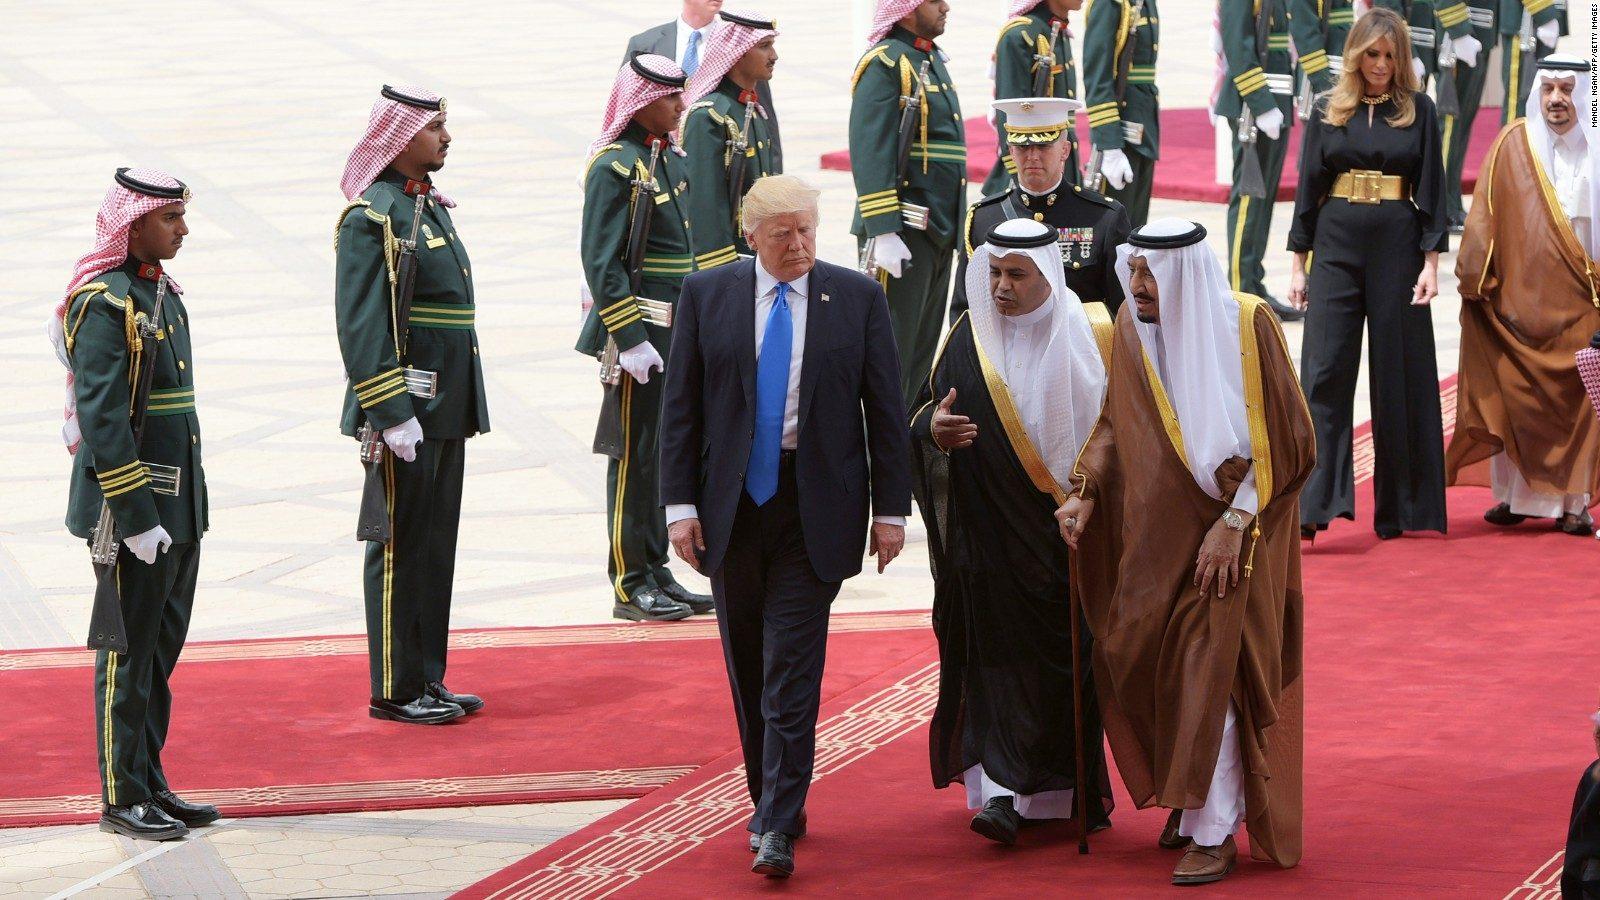 170521152955-23-trump-saudi-arabia-0520-full-169